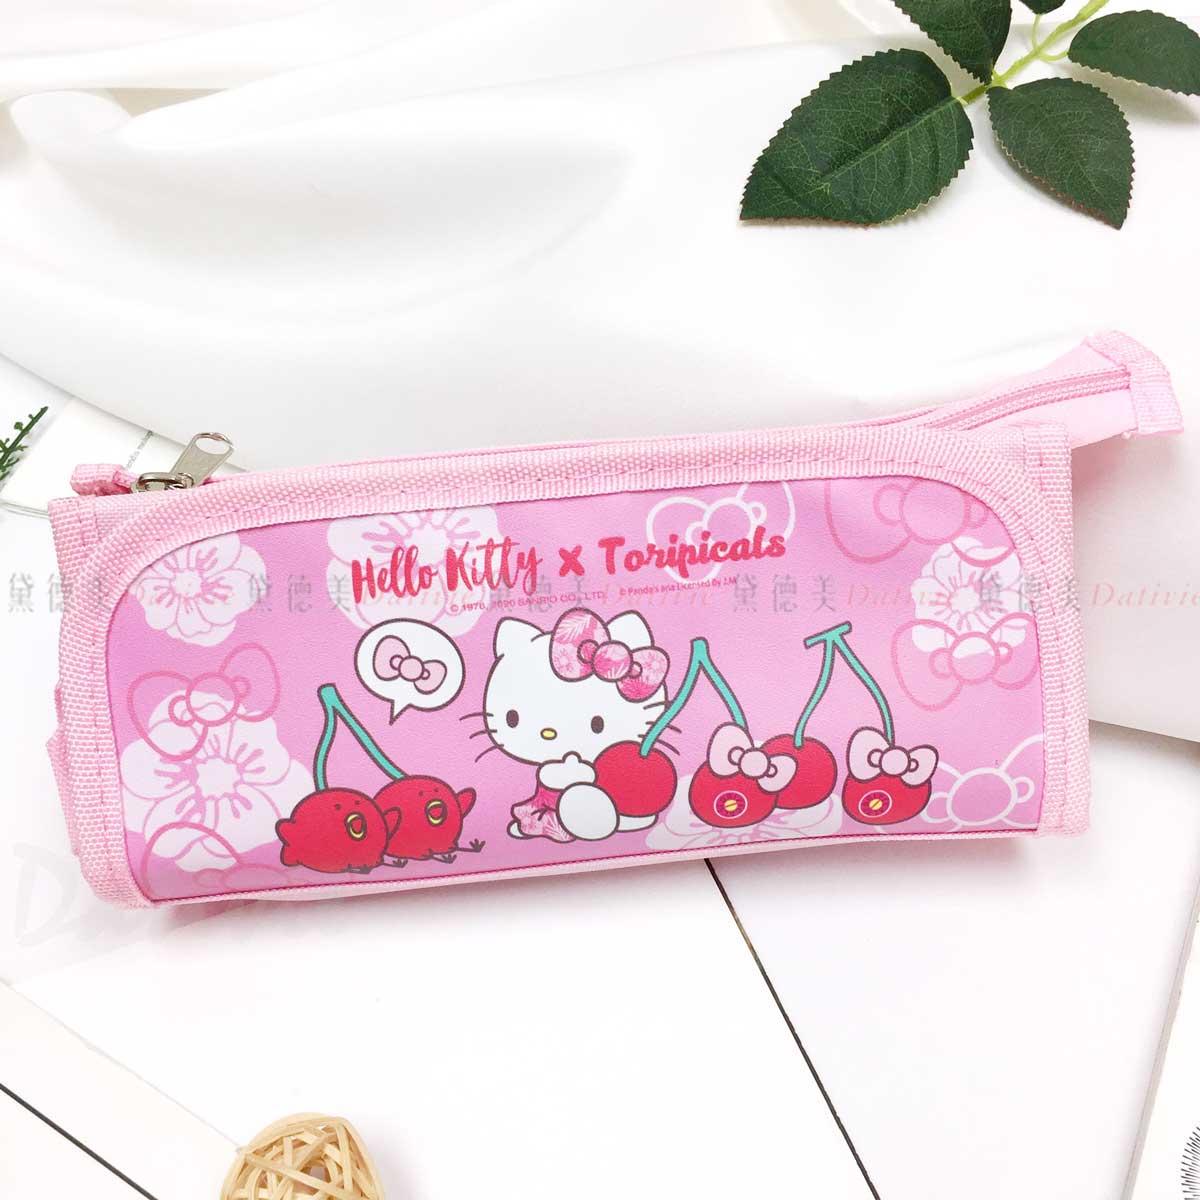 摺疊帆布筆袋-凱蒂貓 HELLO KITTY 三麗鷗 Sanrio 正版授權